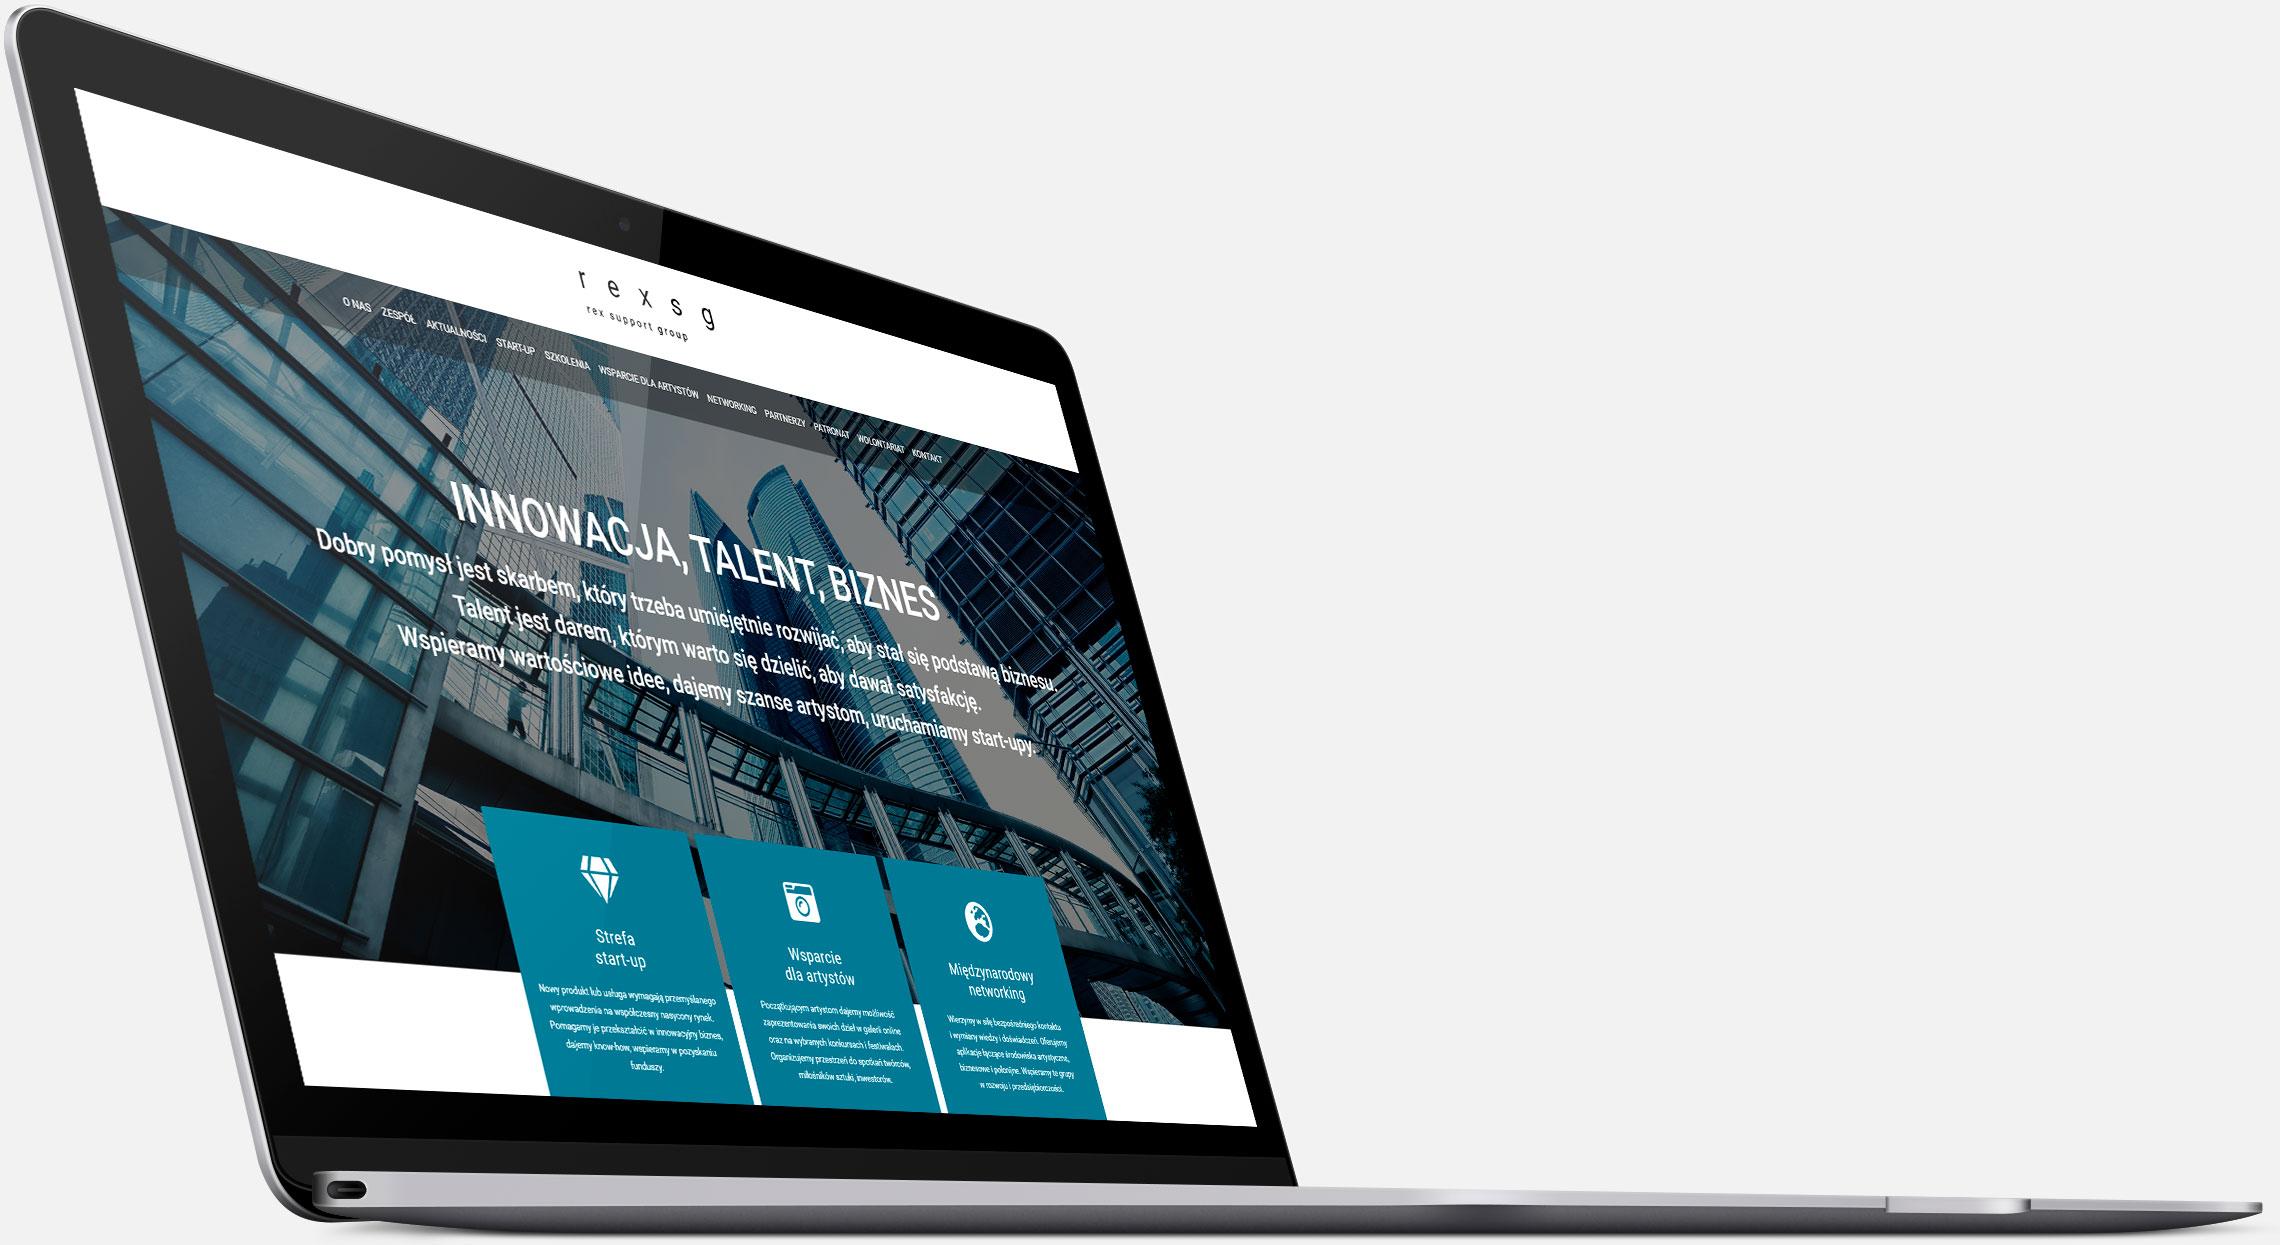 Strona internetowa Rex SG wwersji naurządzenia desktopowe